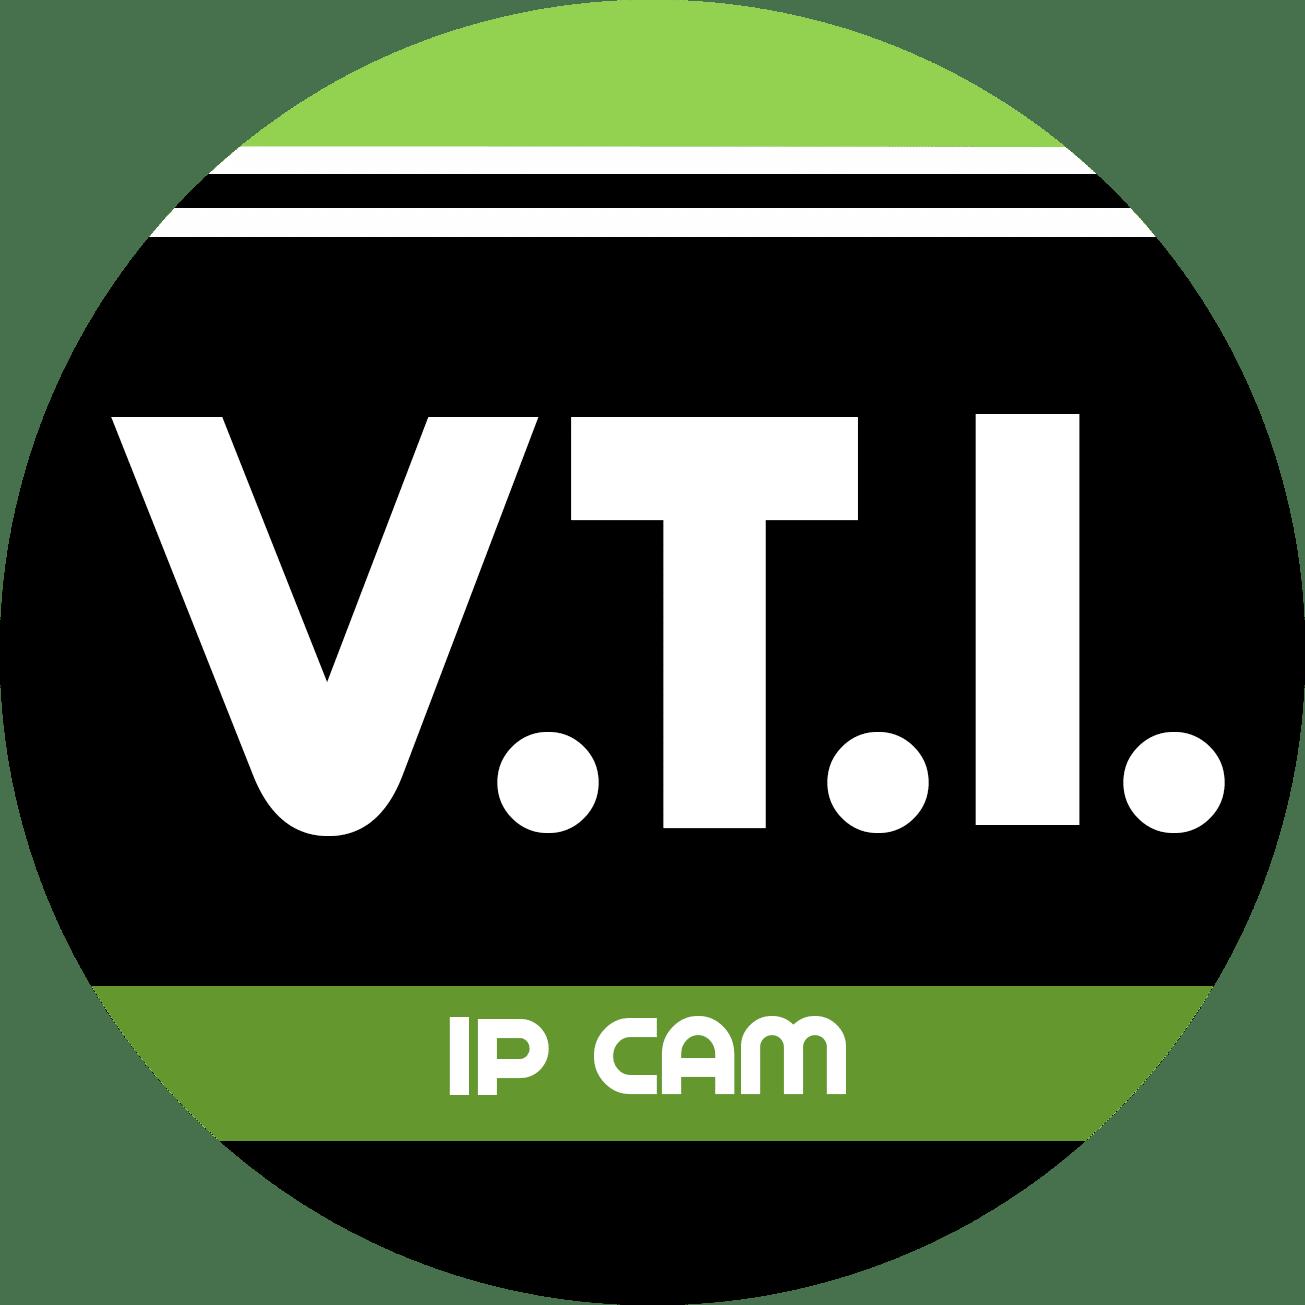 V.T.I.